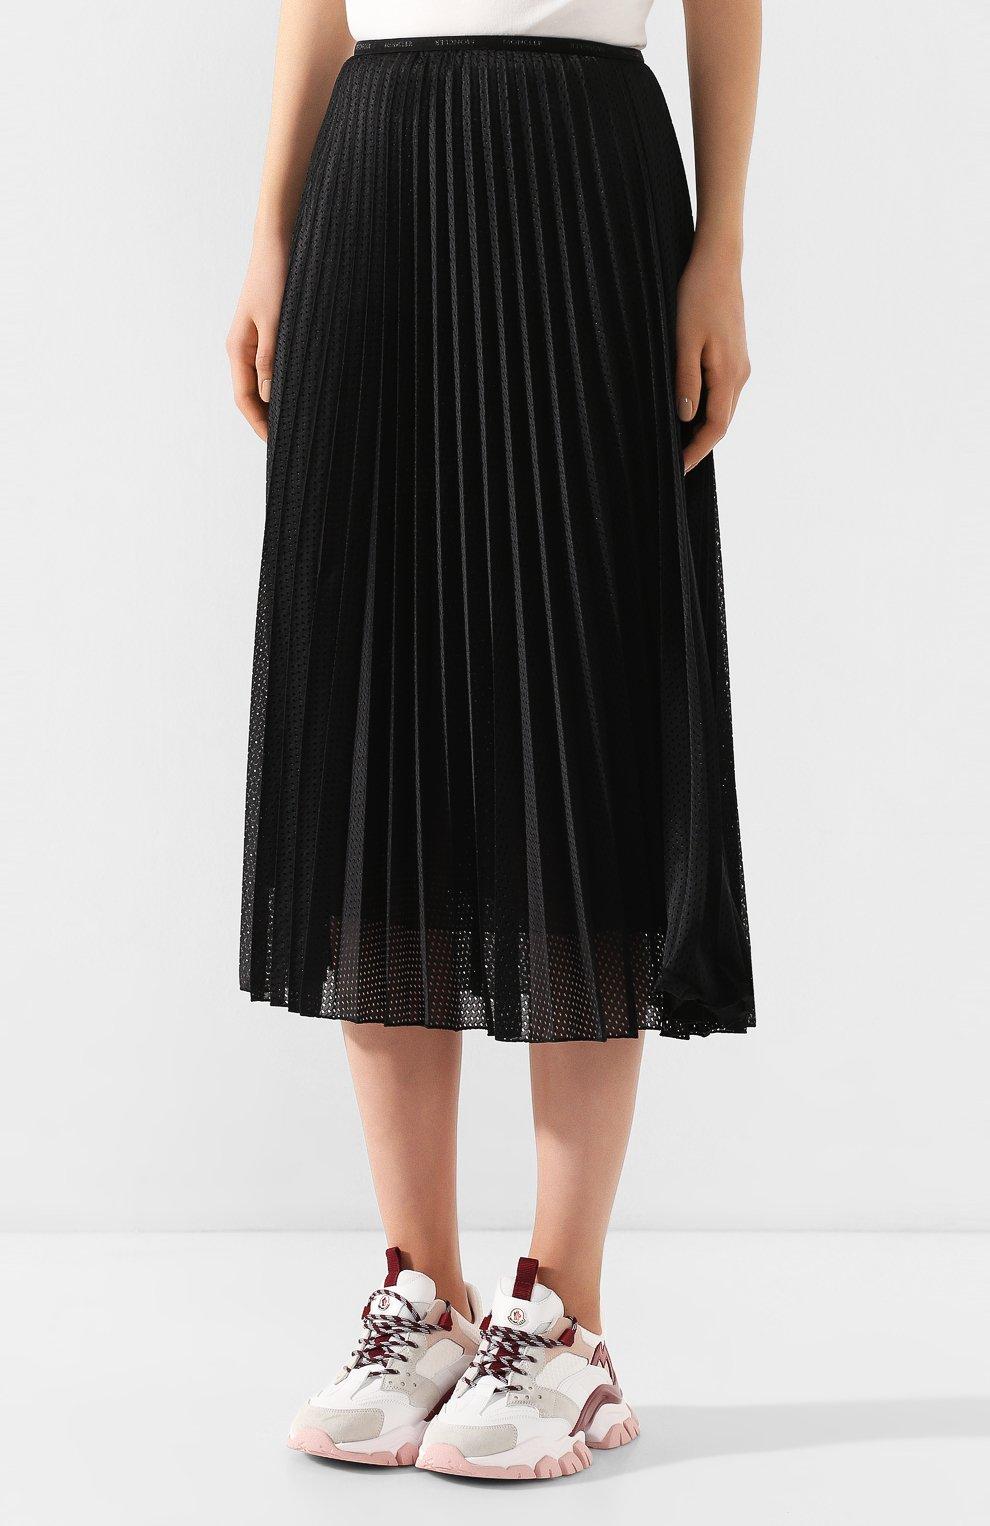 Женская юбка с перфорированием MONCLER черного цвета, арт. F1-093-2D711-00-54A39 | Фото 3